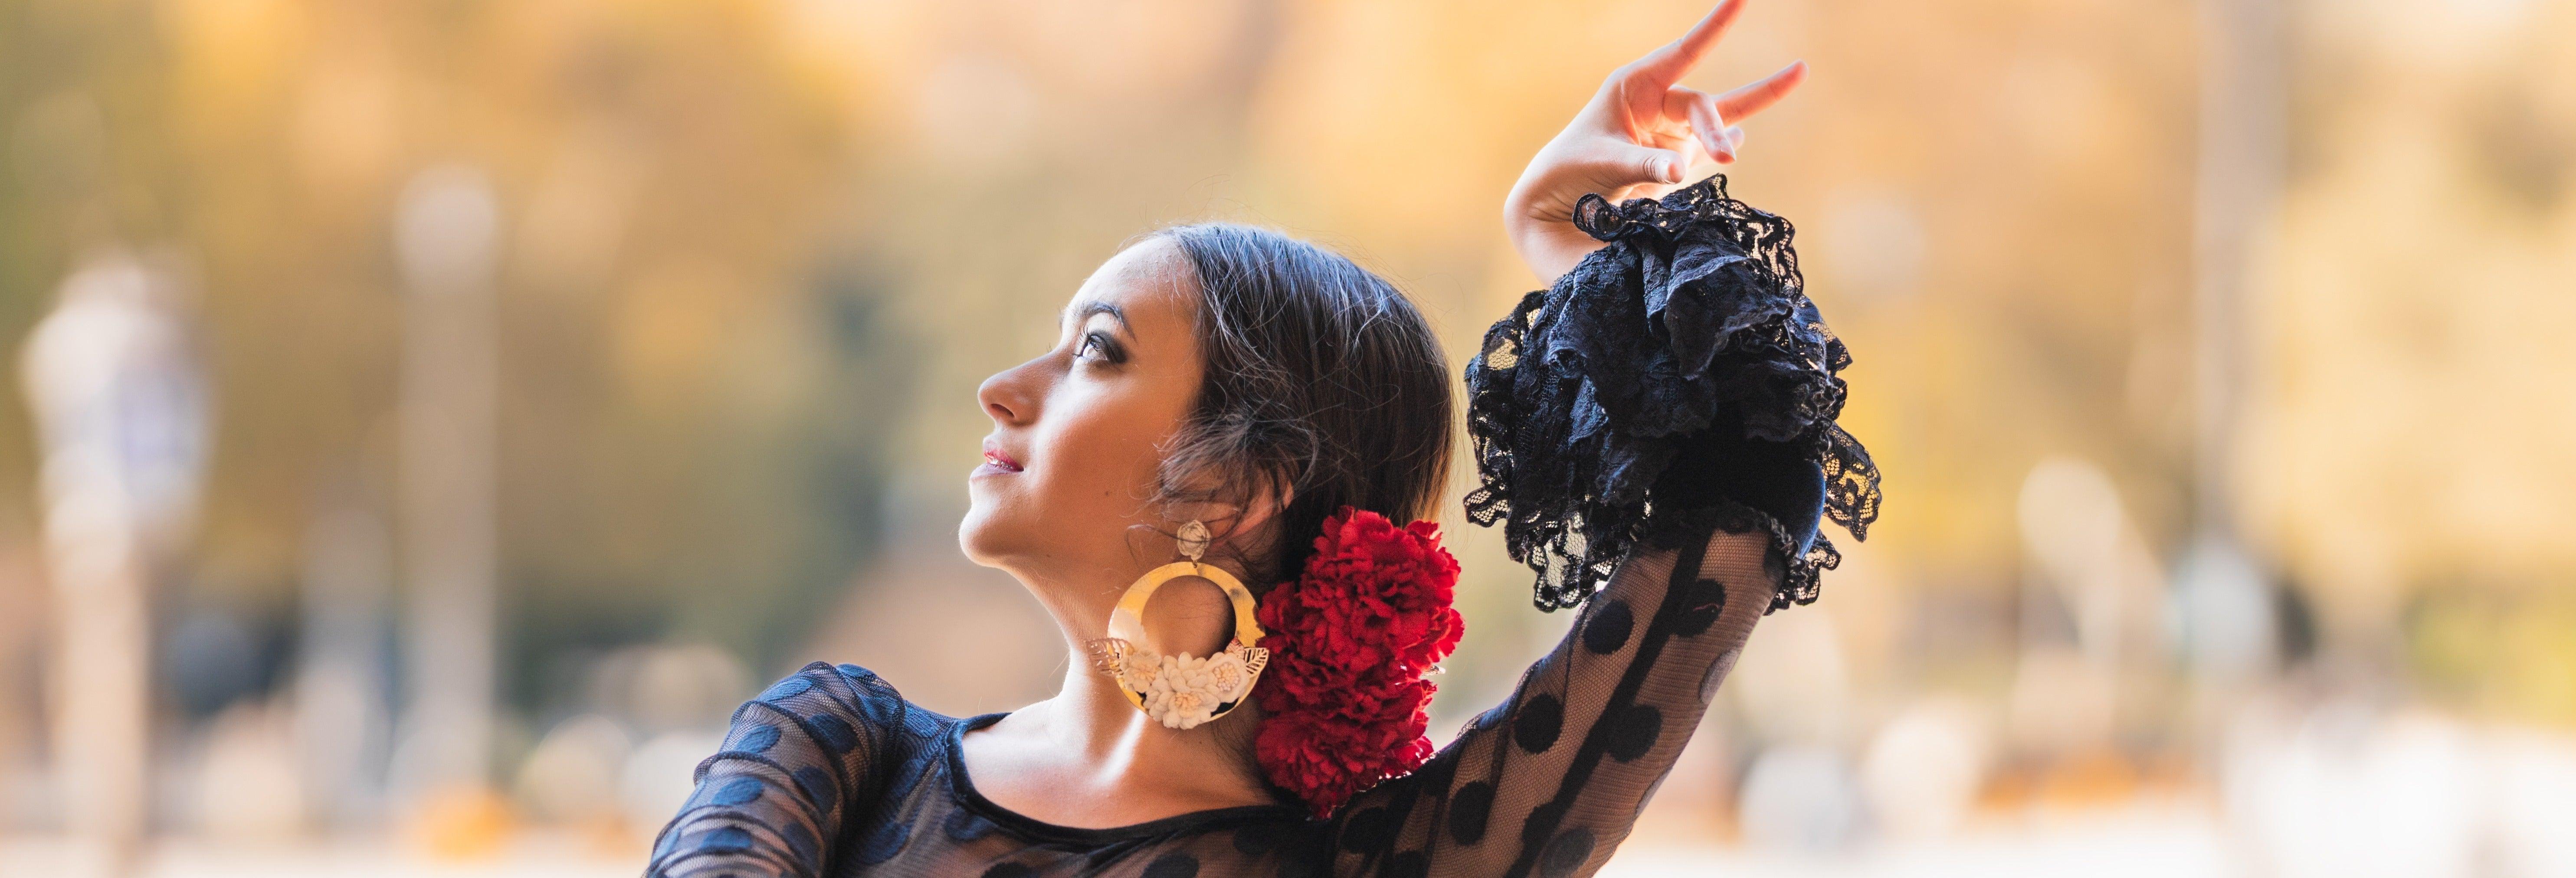 Seville Flamenco Dance Museum Show